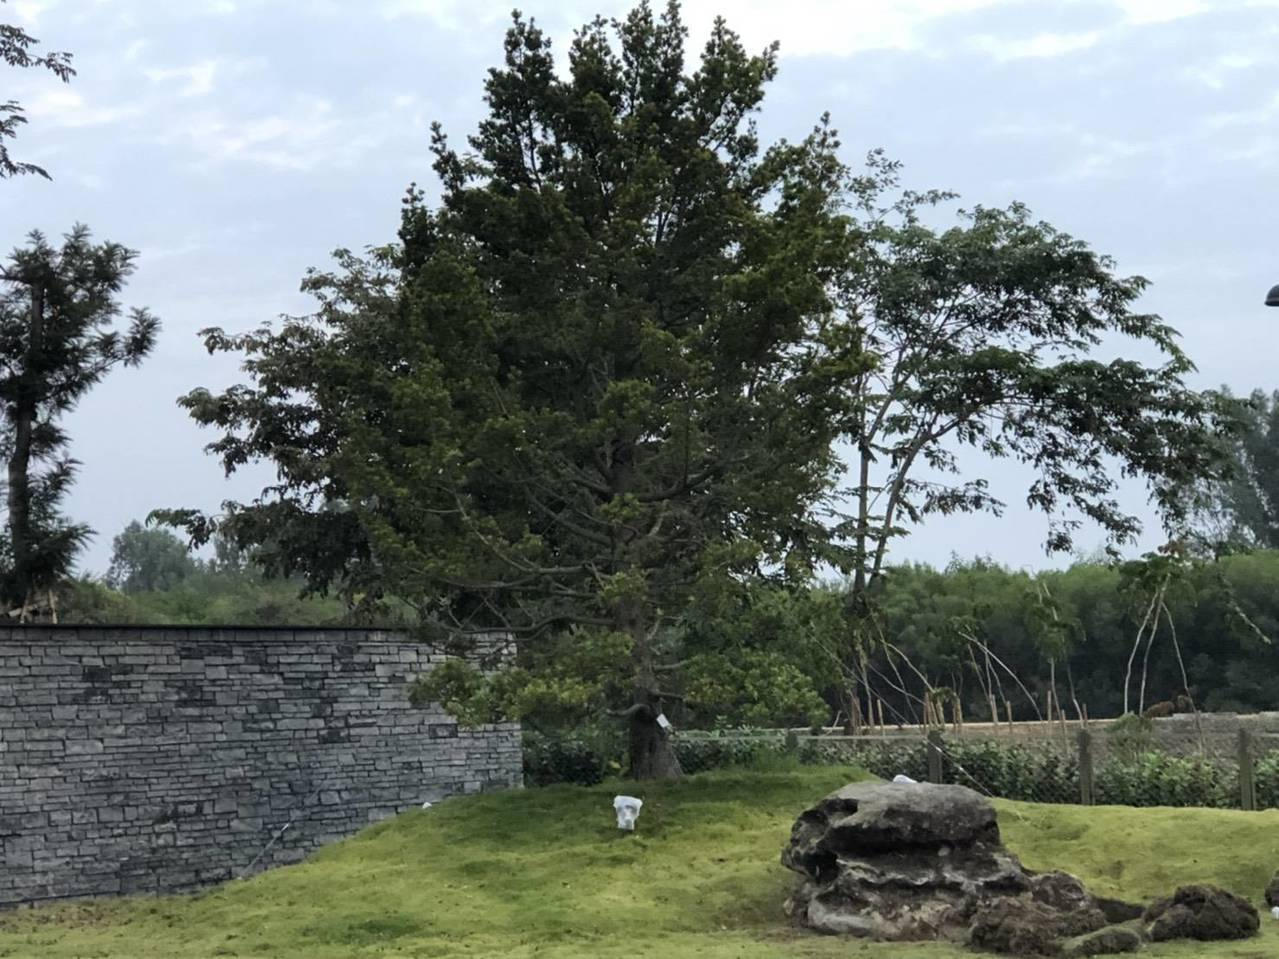 故宮南院在園區綠美化,植栽大棵蘭嶼羅漢松。圖/故宮南院提供